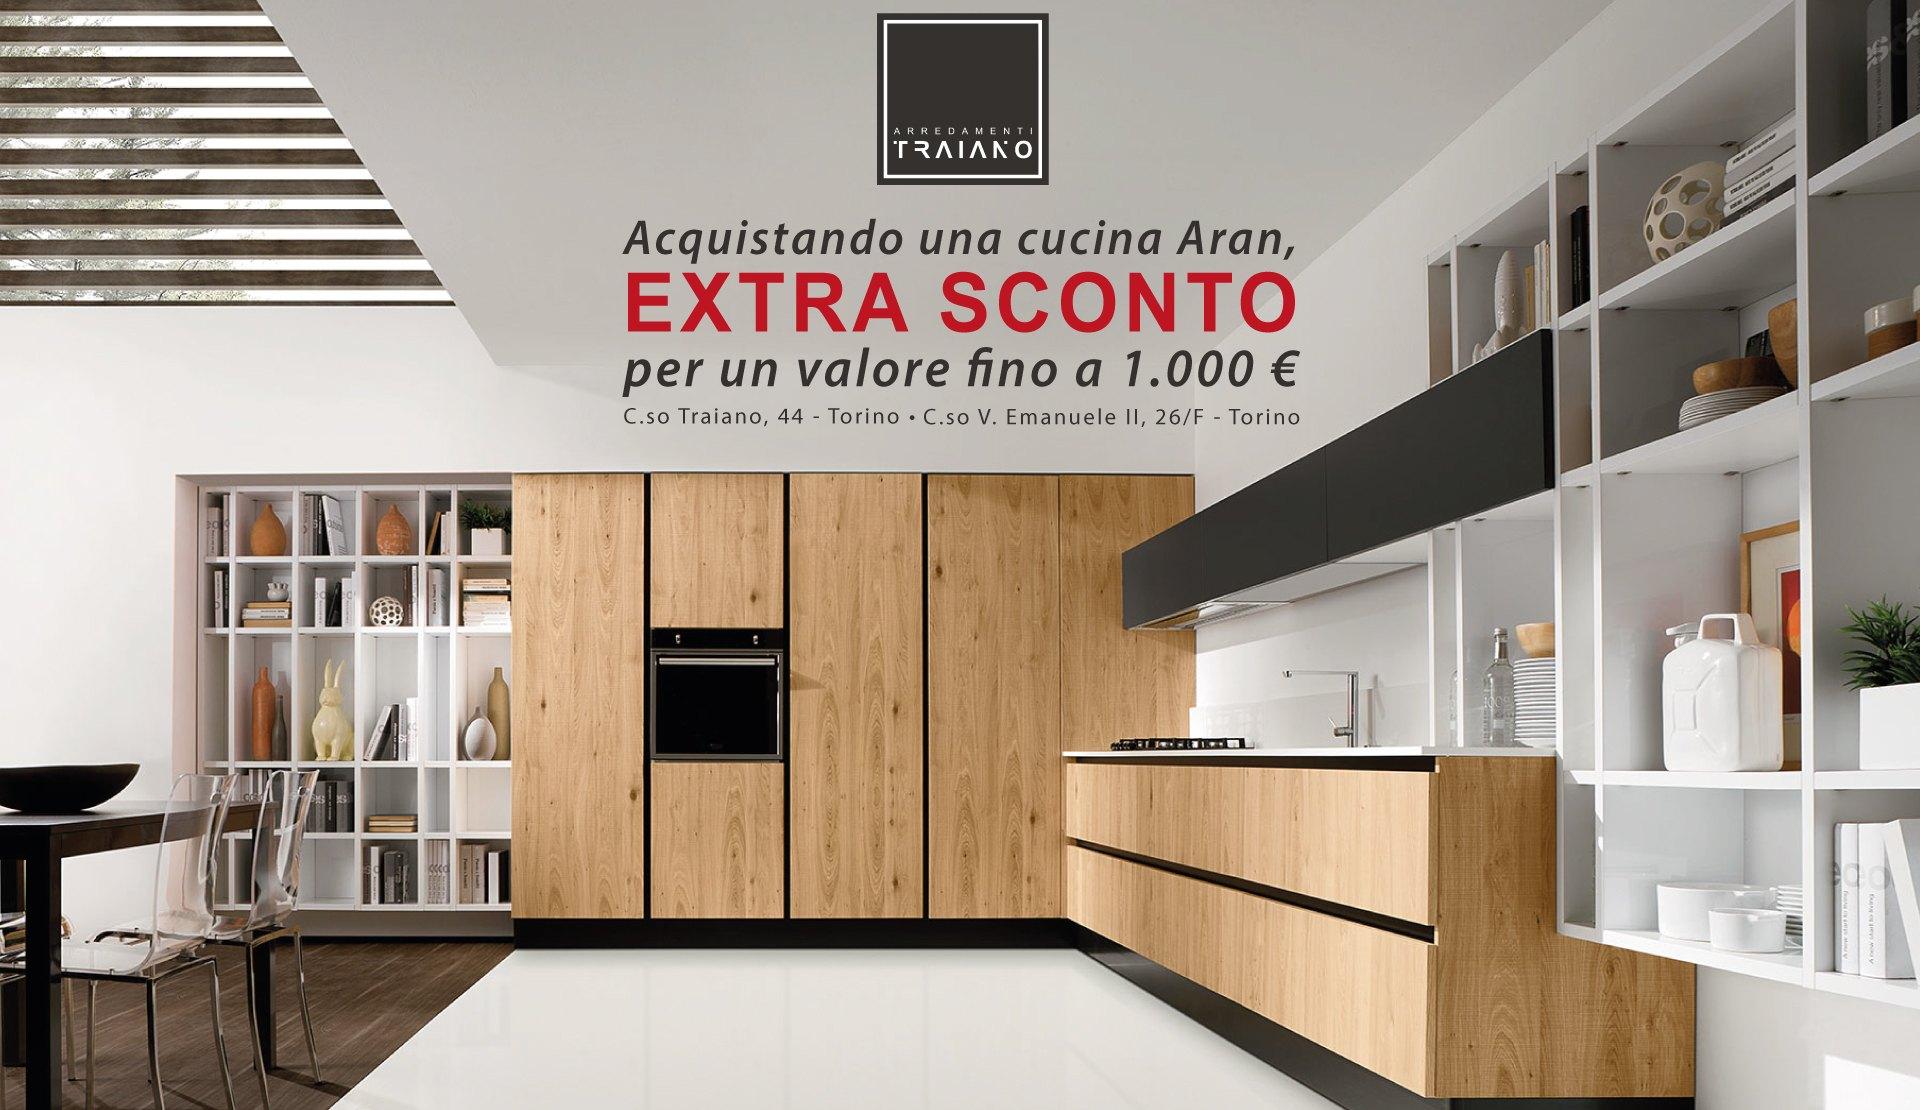 Arredamenti Traiano | Arredamenti Torino